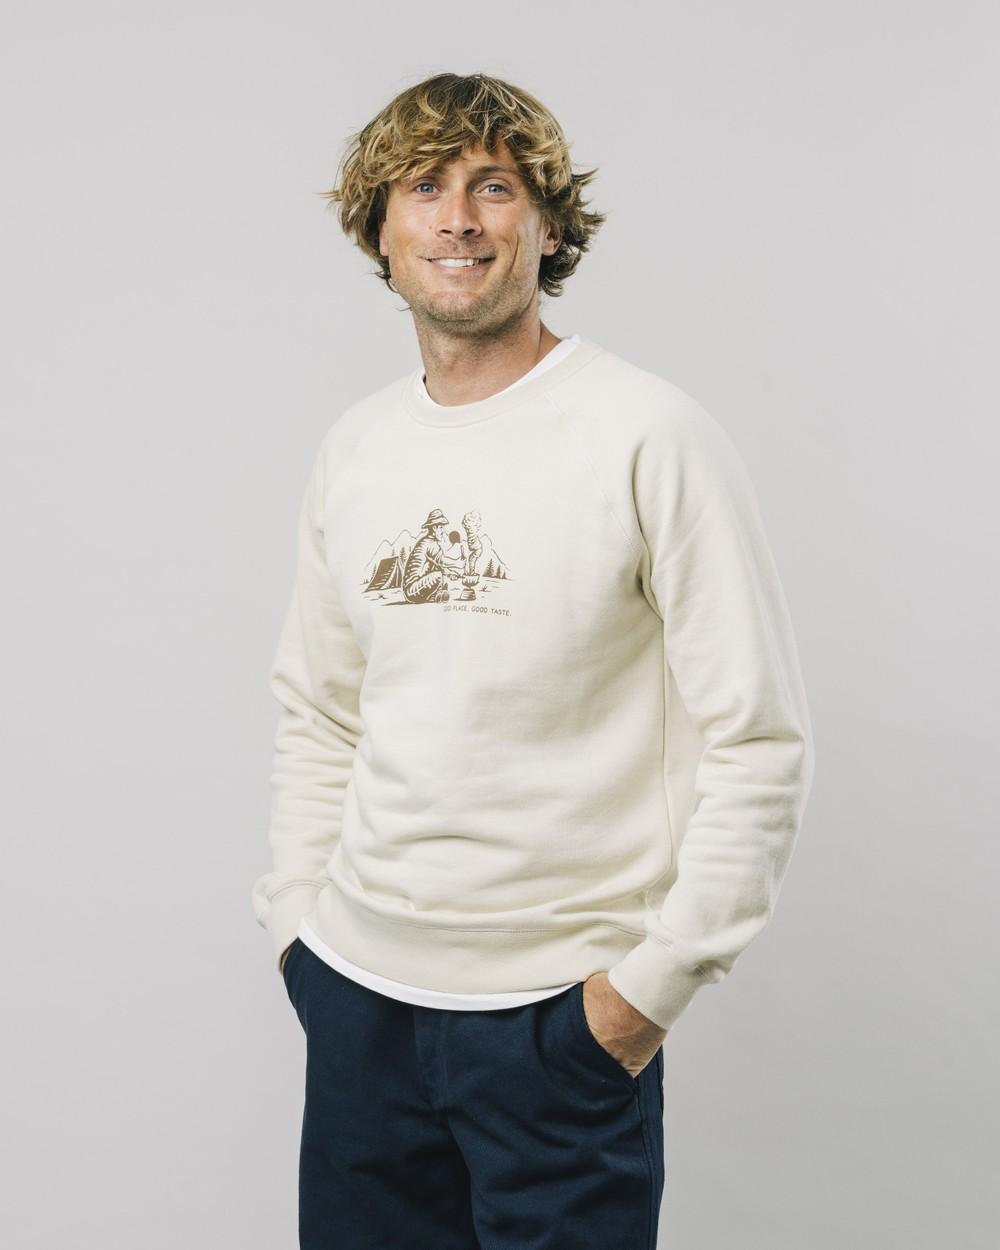 Good taste sweatshirt - Brava Fabrics